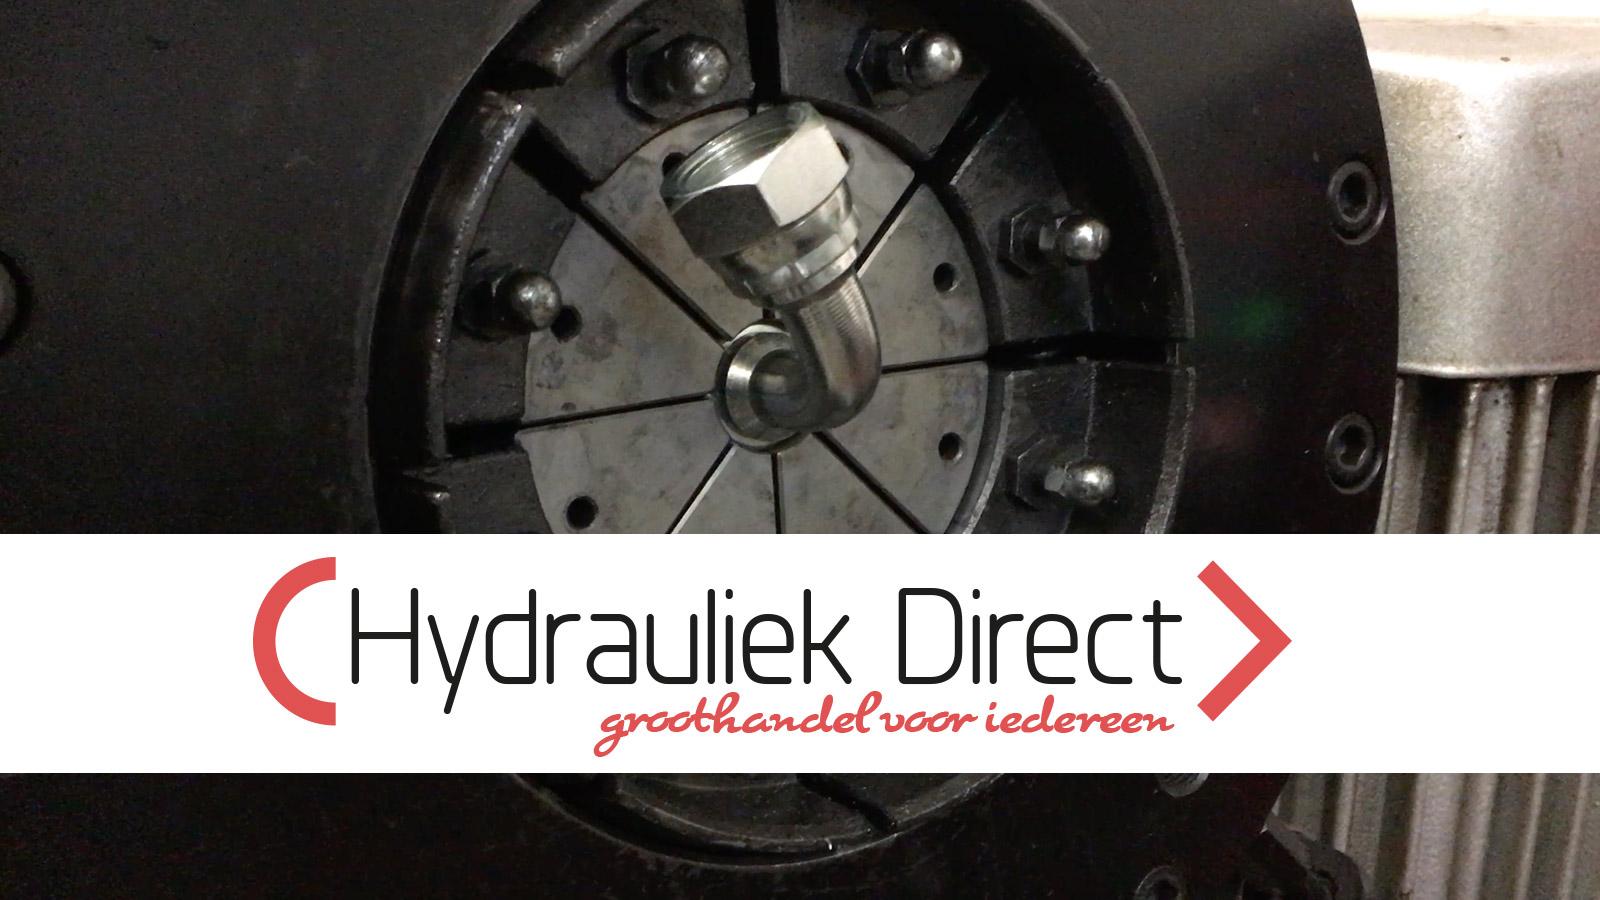 Hydrauliek Direct - Groothandel en ongekende service